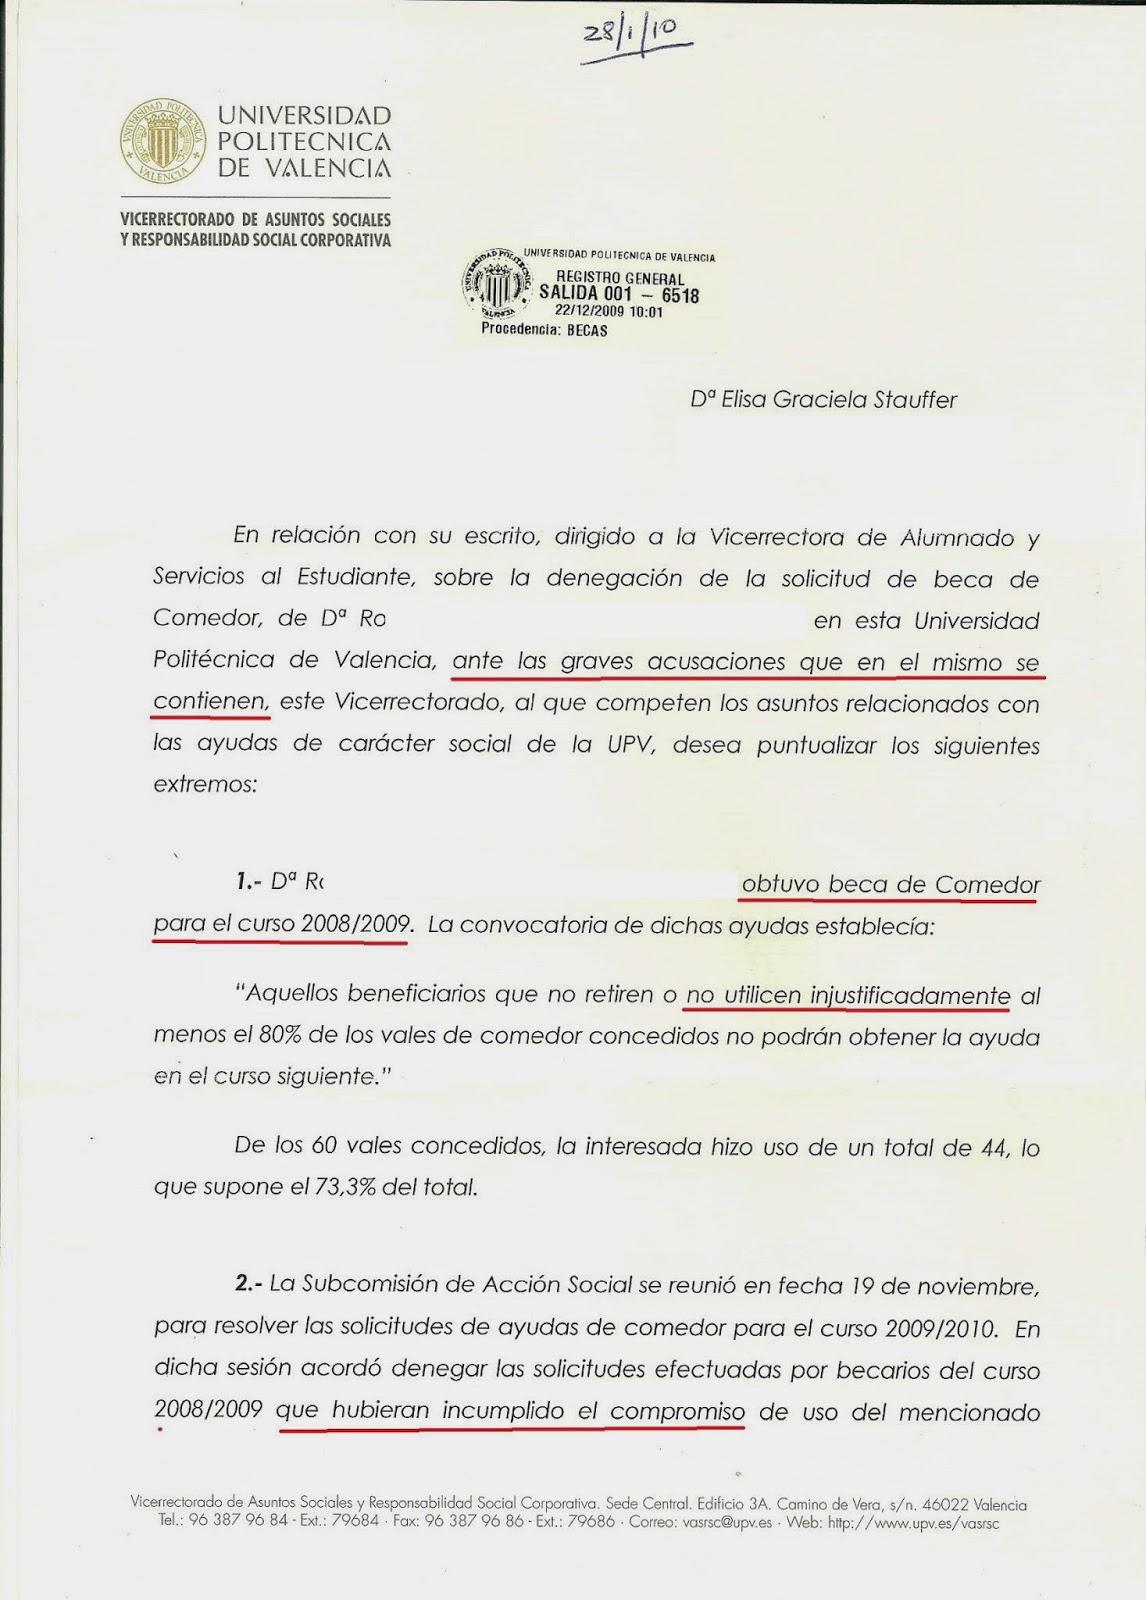 MÁS SOBRE EL CASO DE LA SRA. STAUFFER: \